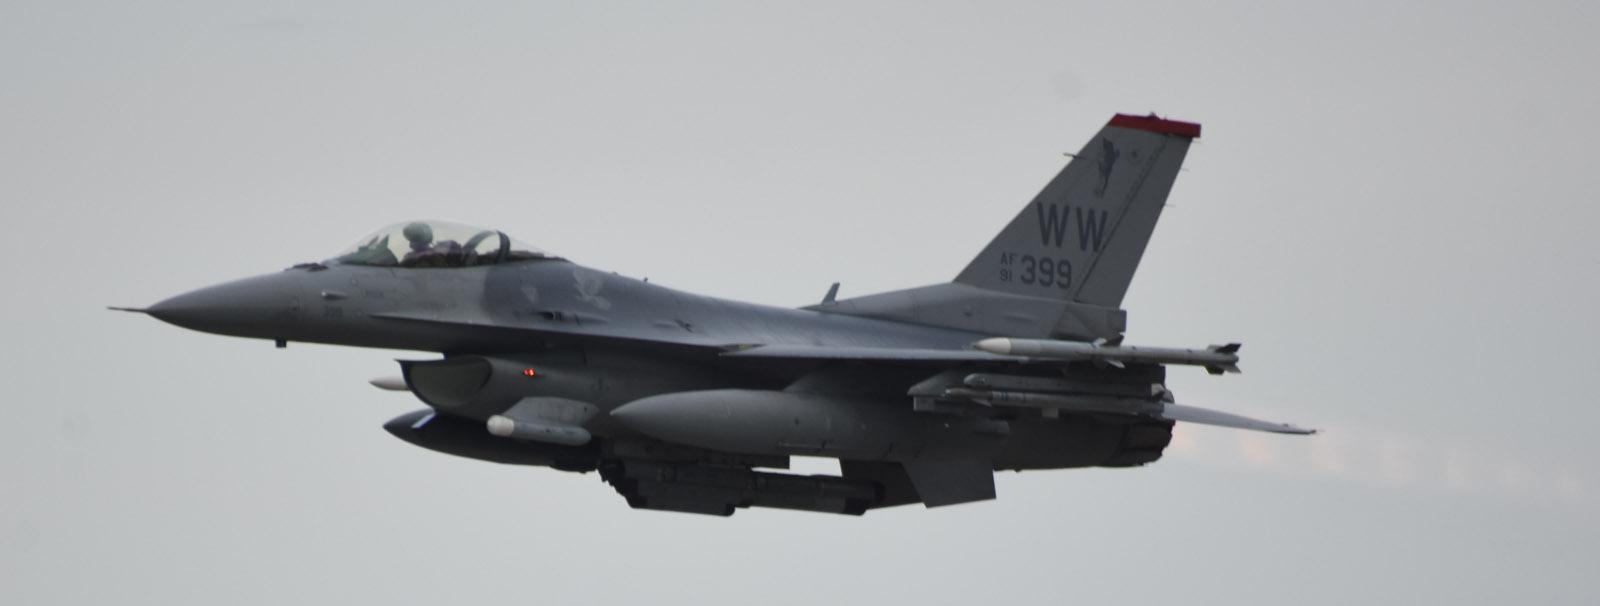 F16cm170825g762